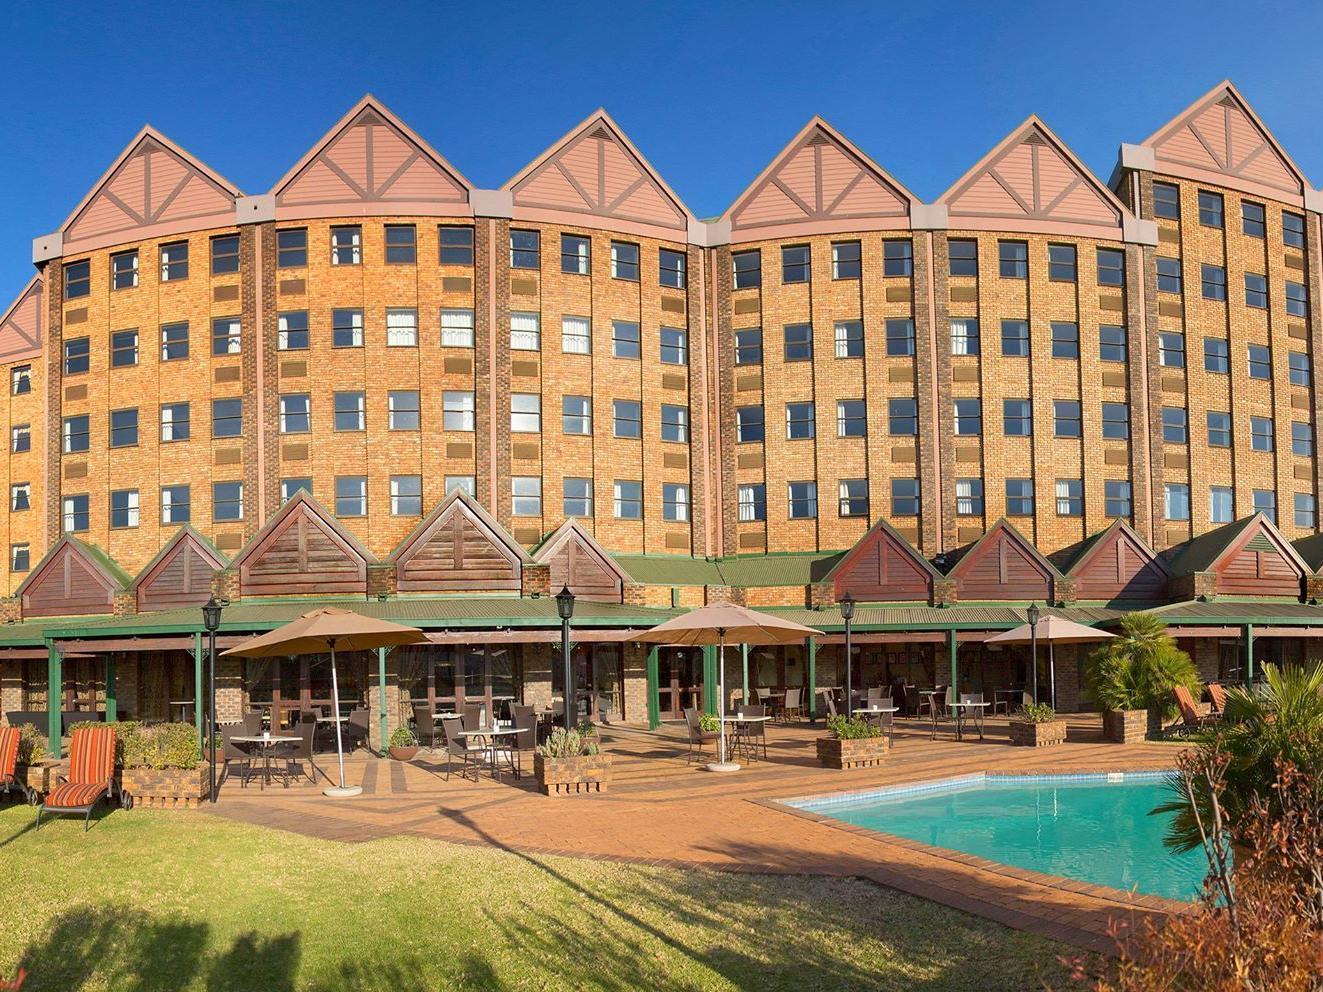 โรงแรมเซนทูเรี่ยนเลค